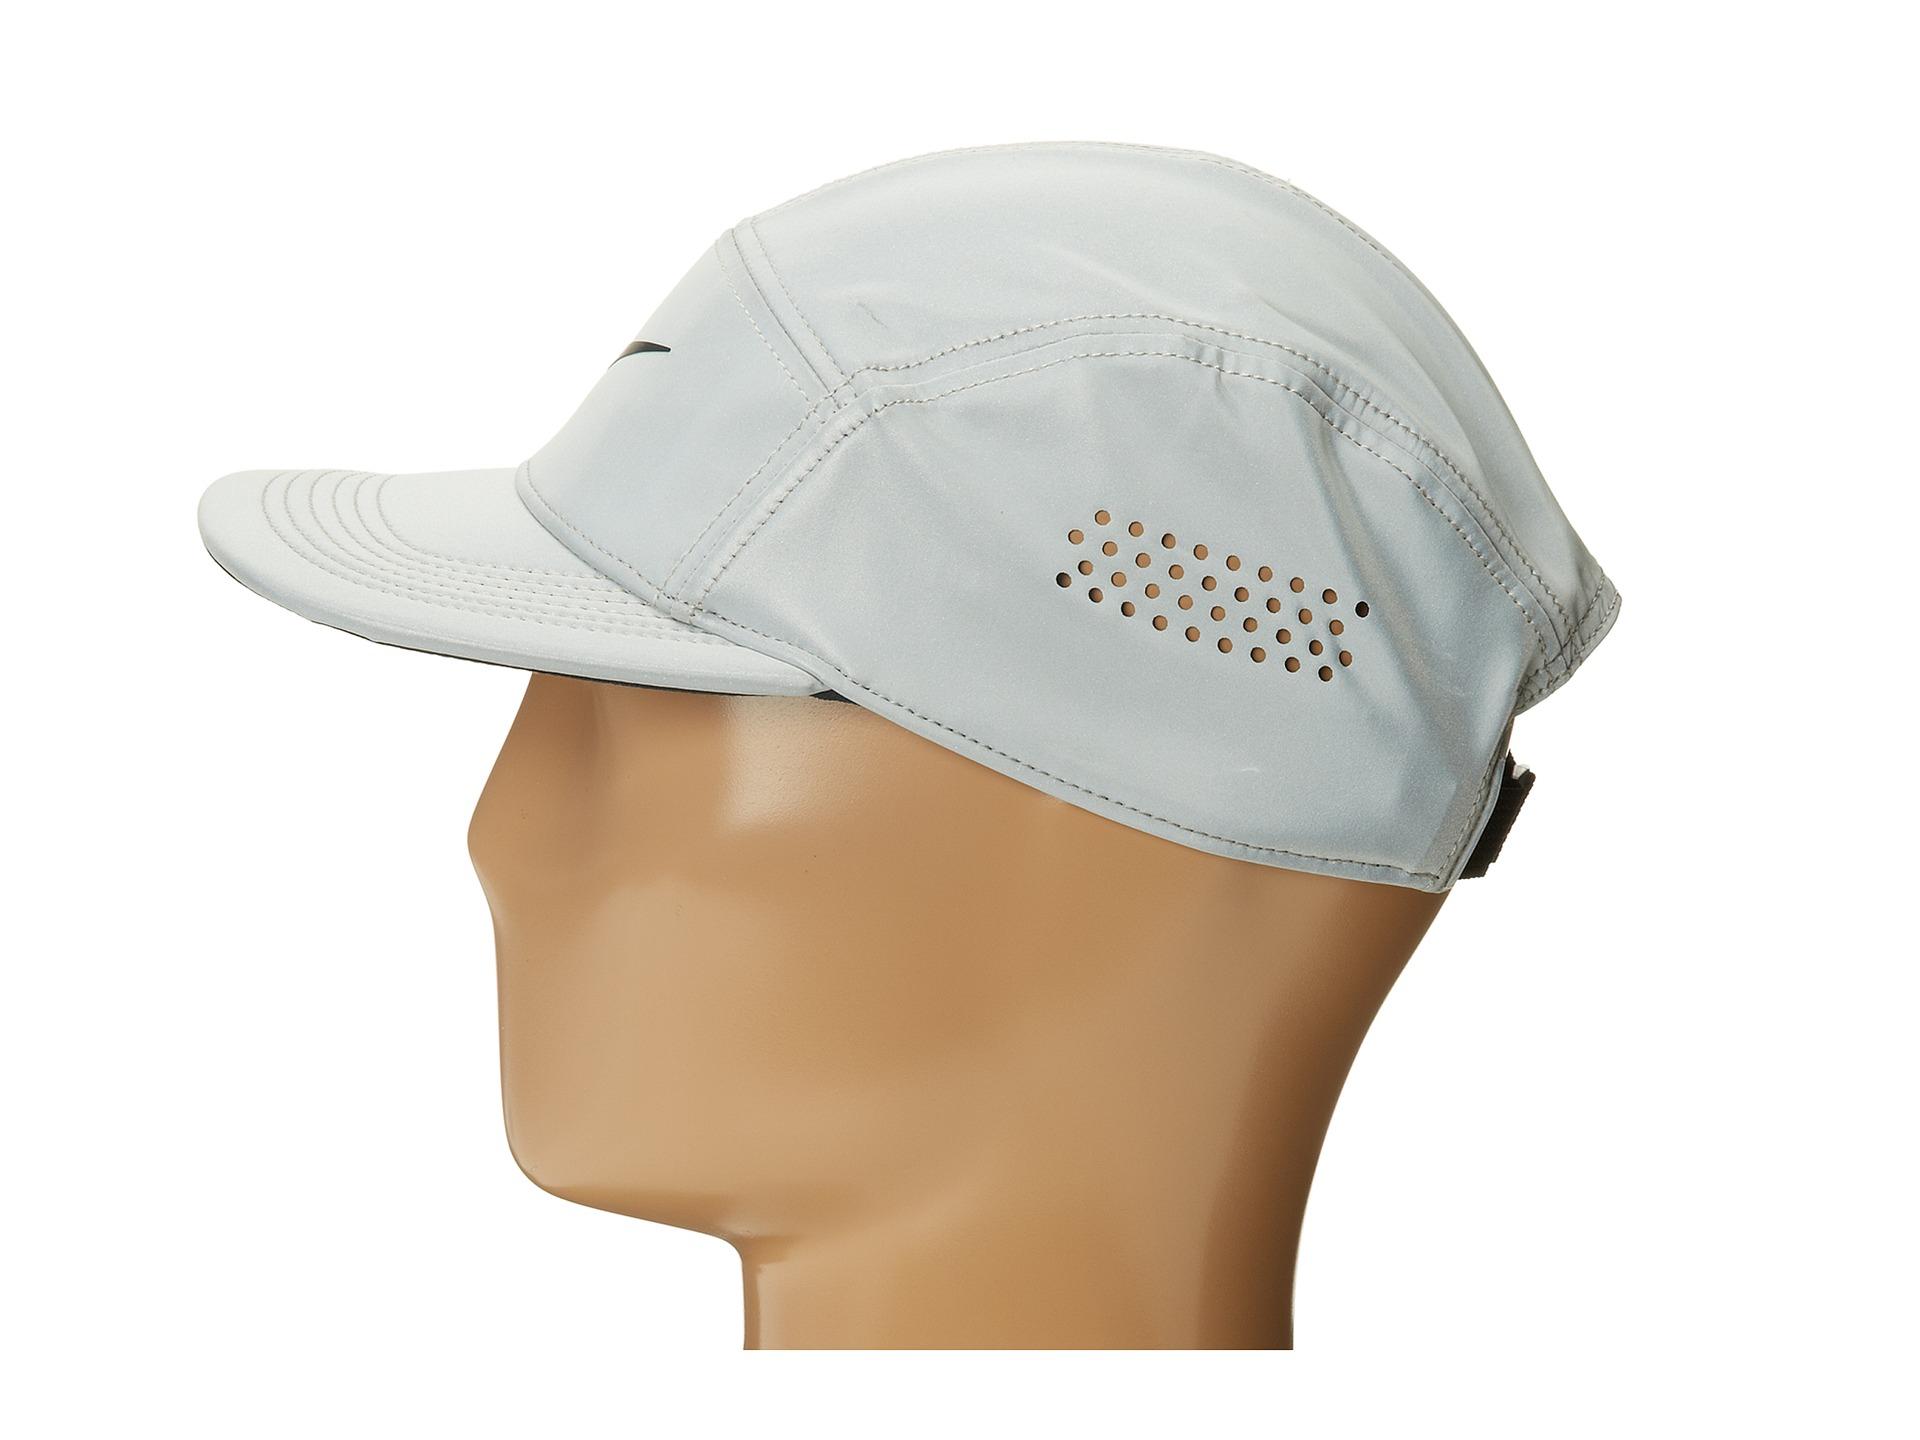 8f96b5f2835 Lyst nike flash aw cap in metallic jpg 1920x1440 Nike flash hat